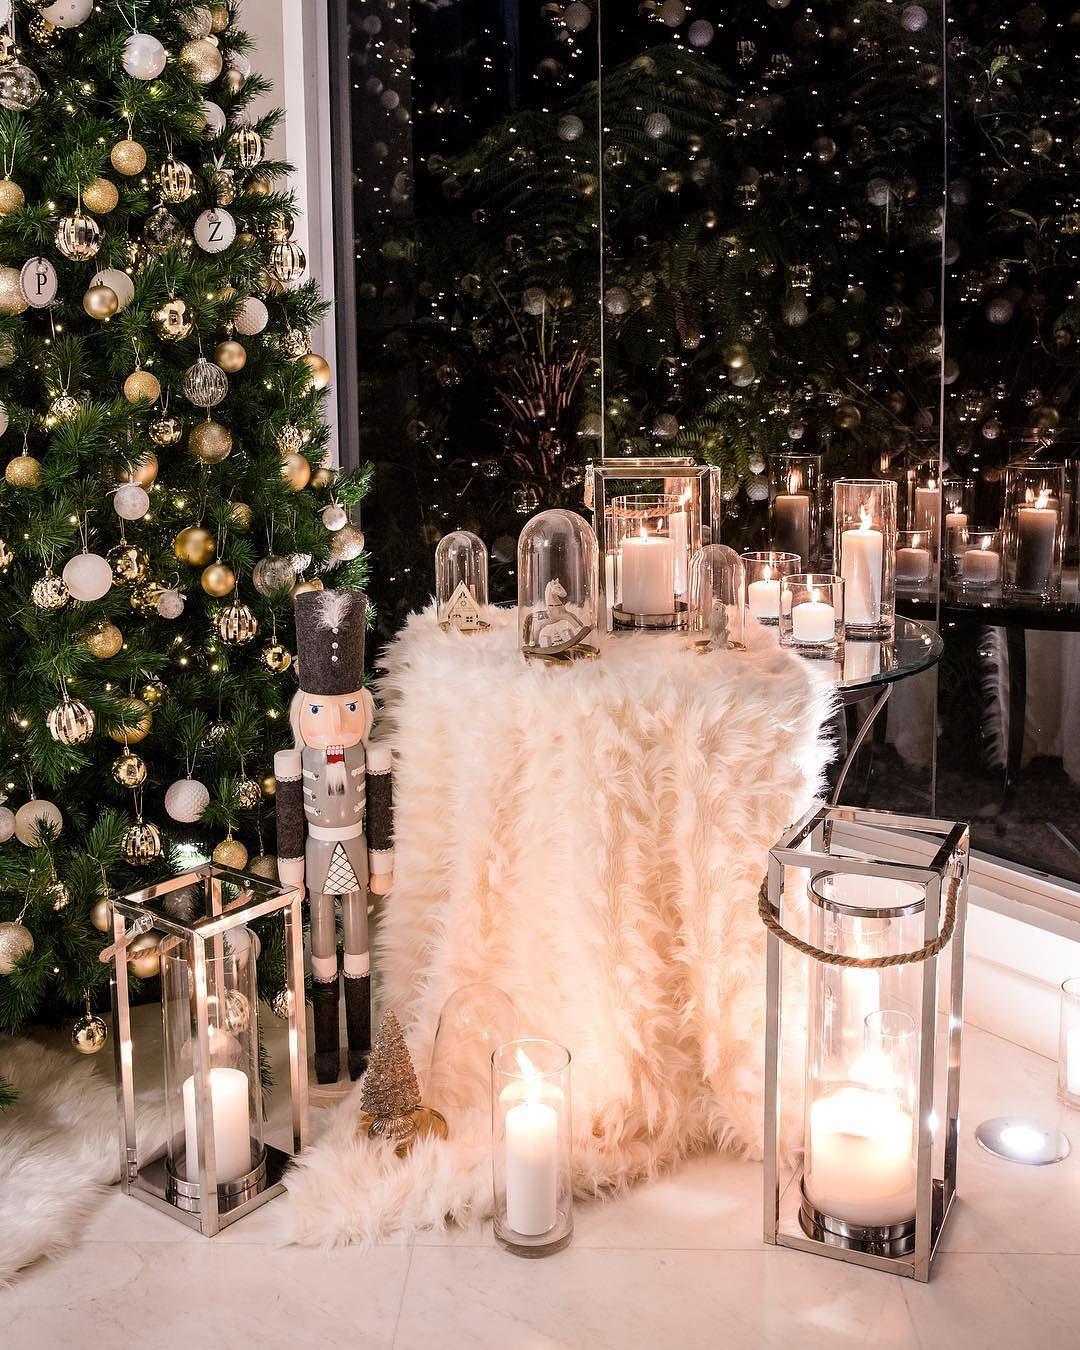 decoracion navidena con velas led o electricas (2)